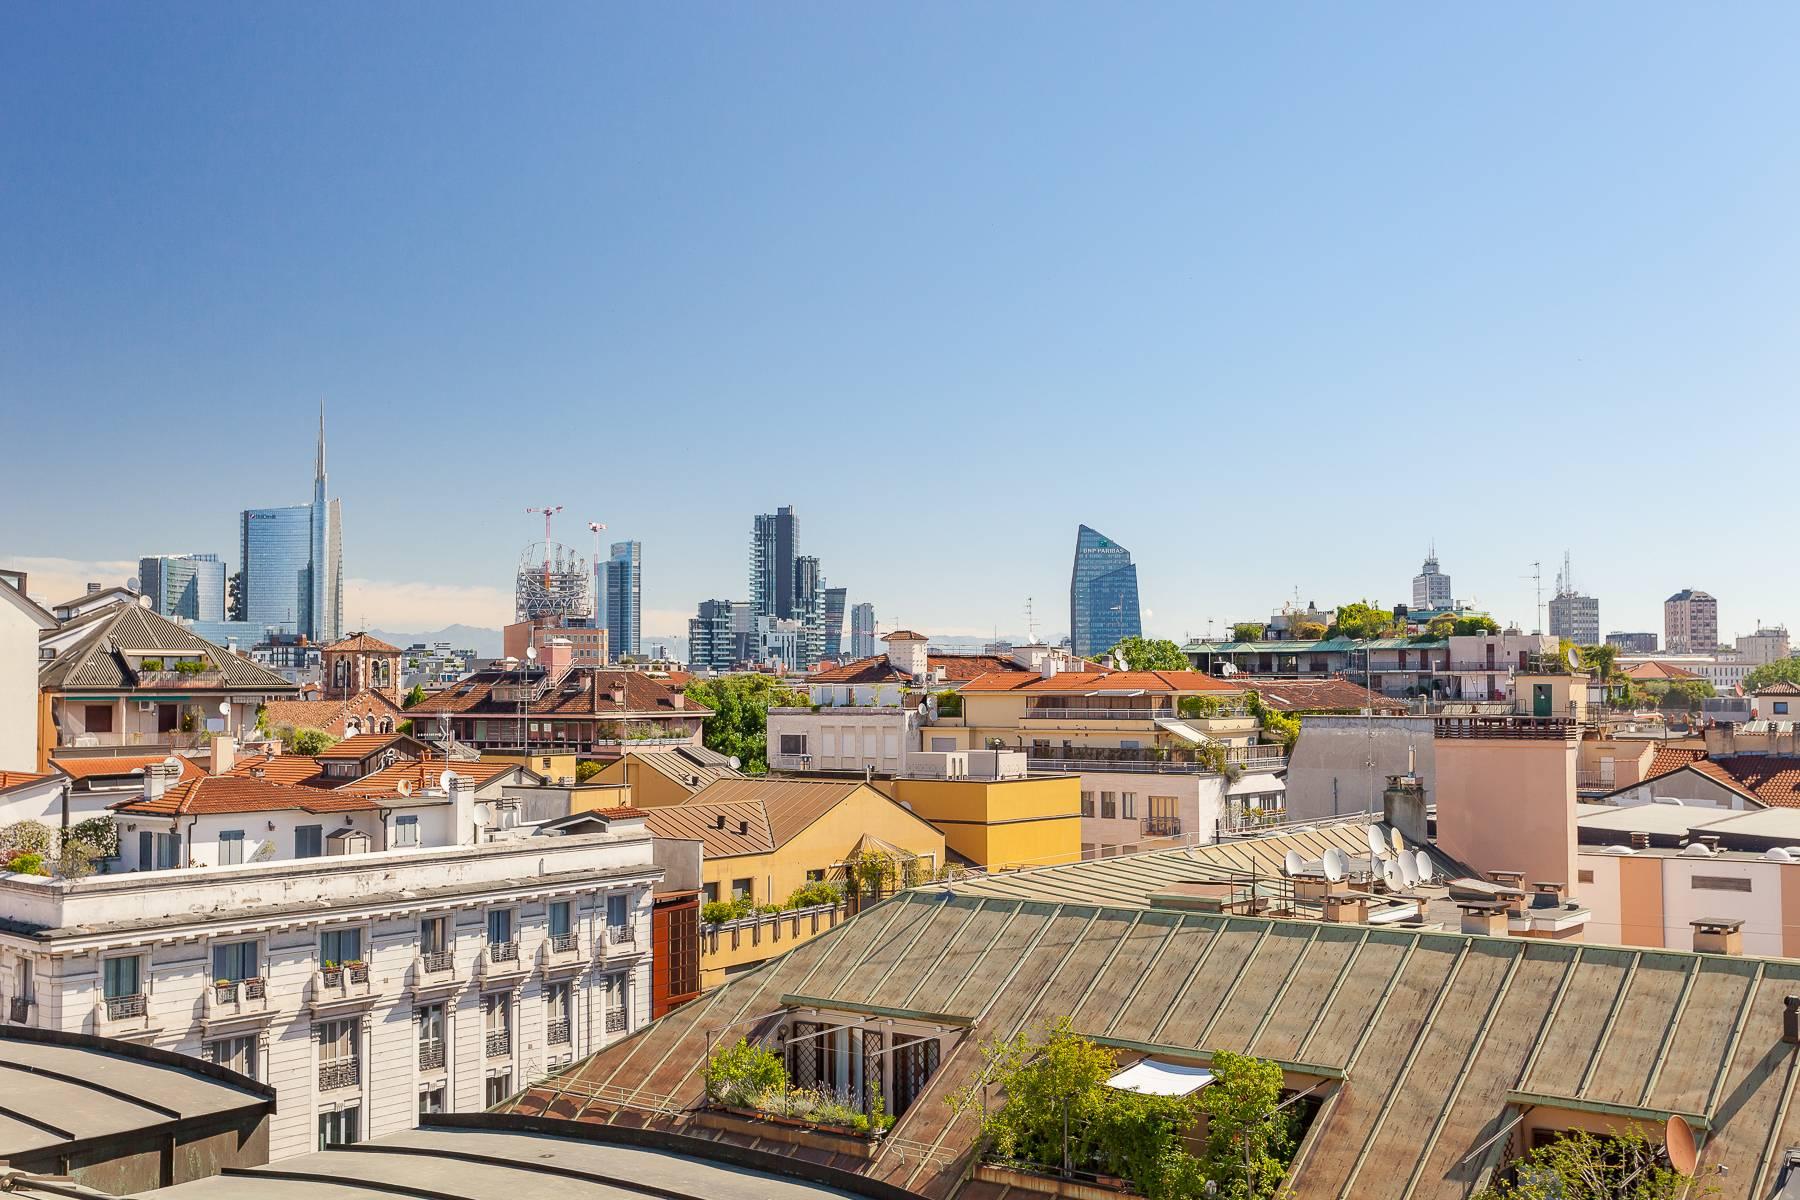 Attico in Vendita a Milano: 5 locali, 495 mq - Foto 6